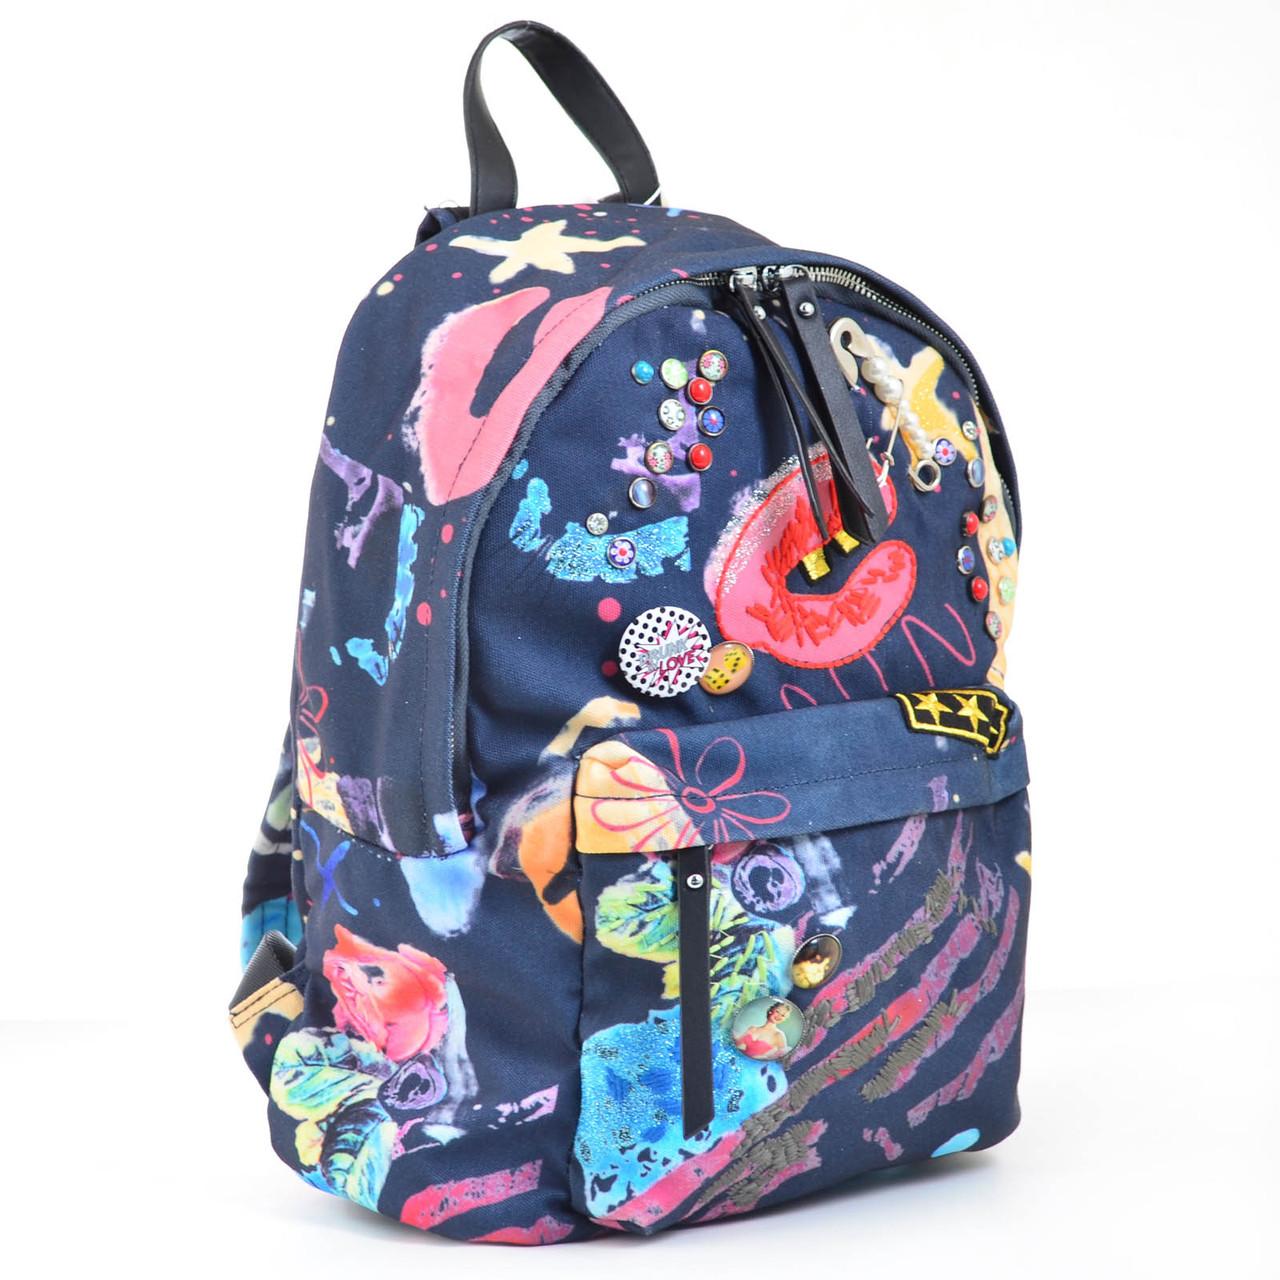 Сумка-рюкзак YES, темно-синий